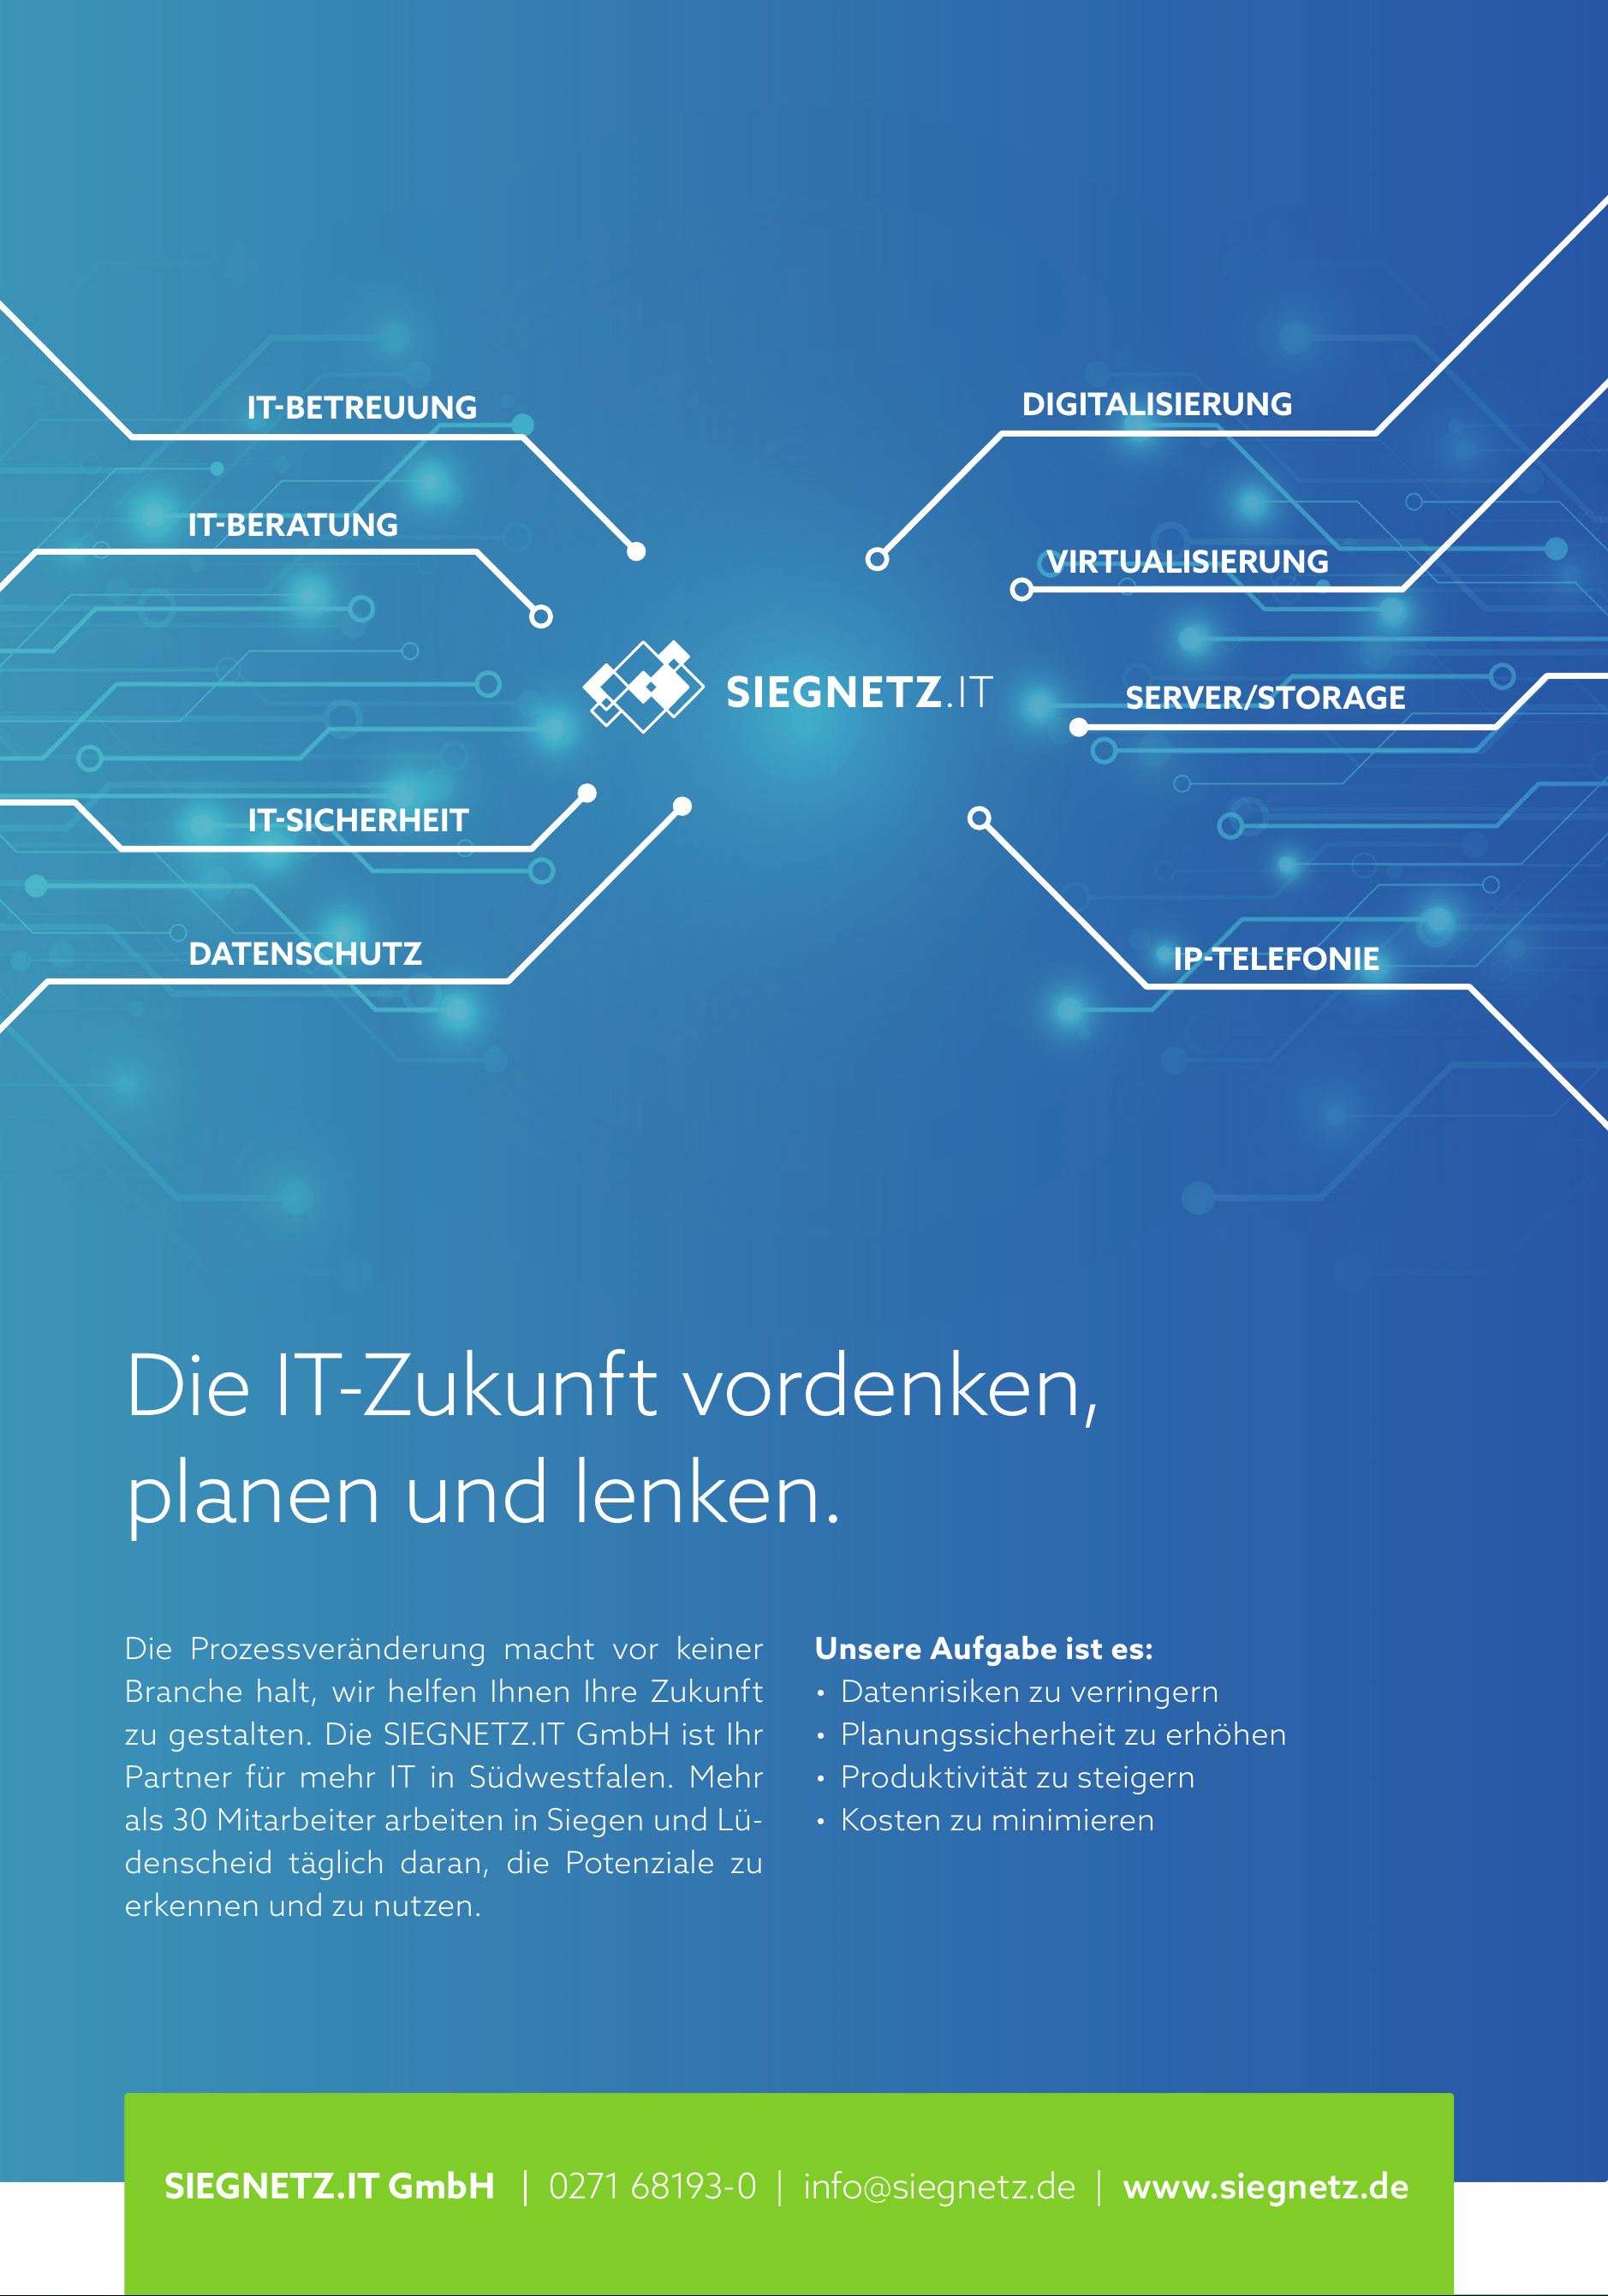 Siegnetz.IT GmbH